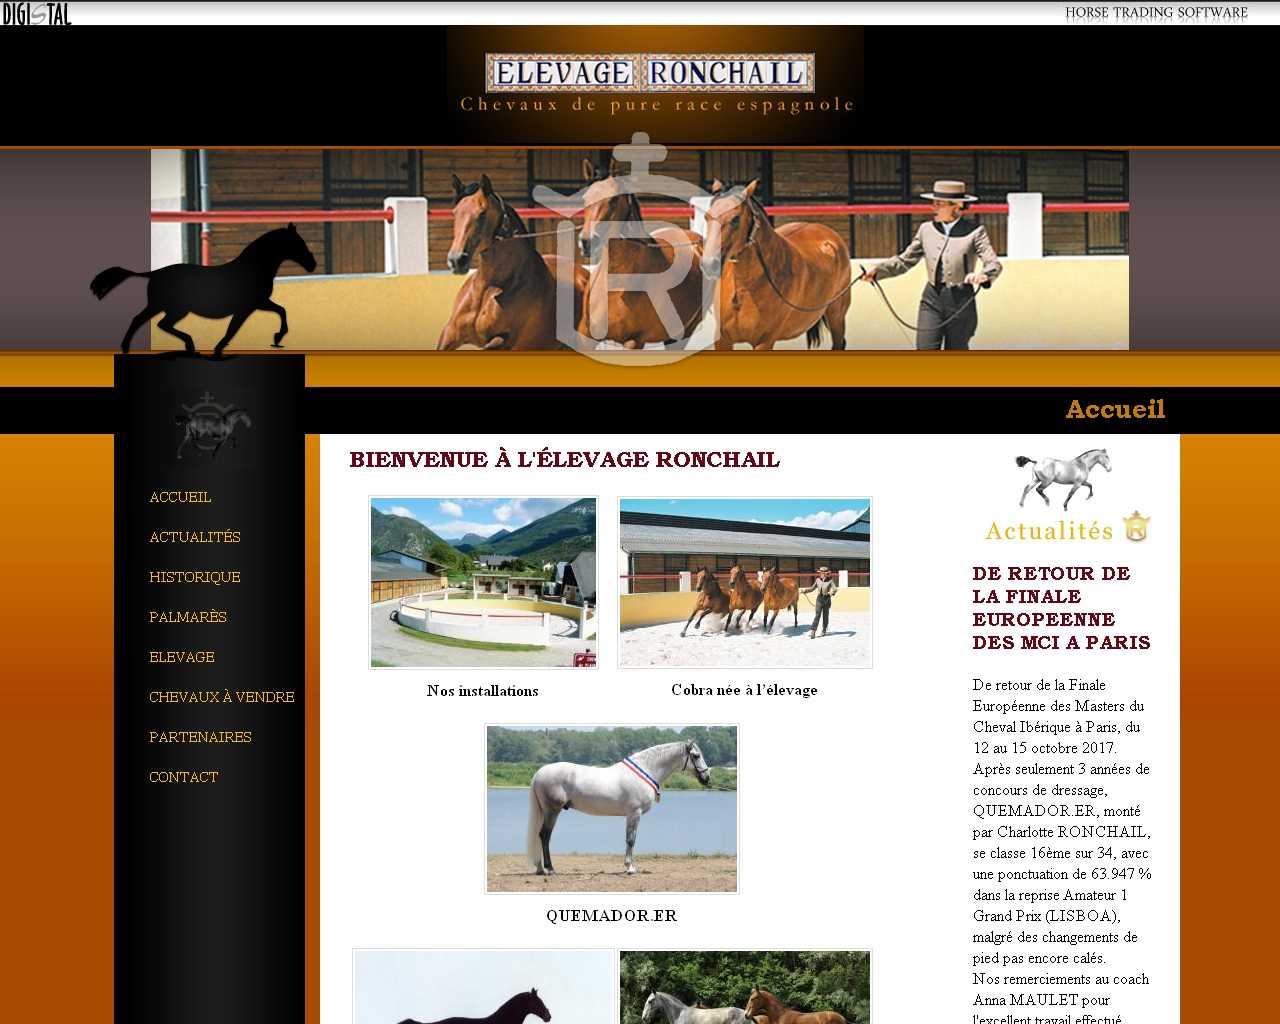 Visuel du site Elevage Ronchail